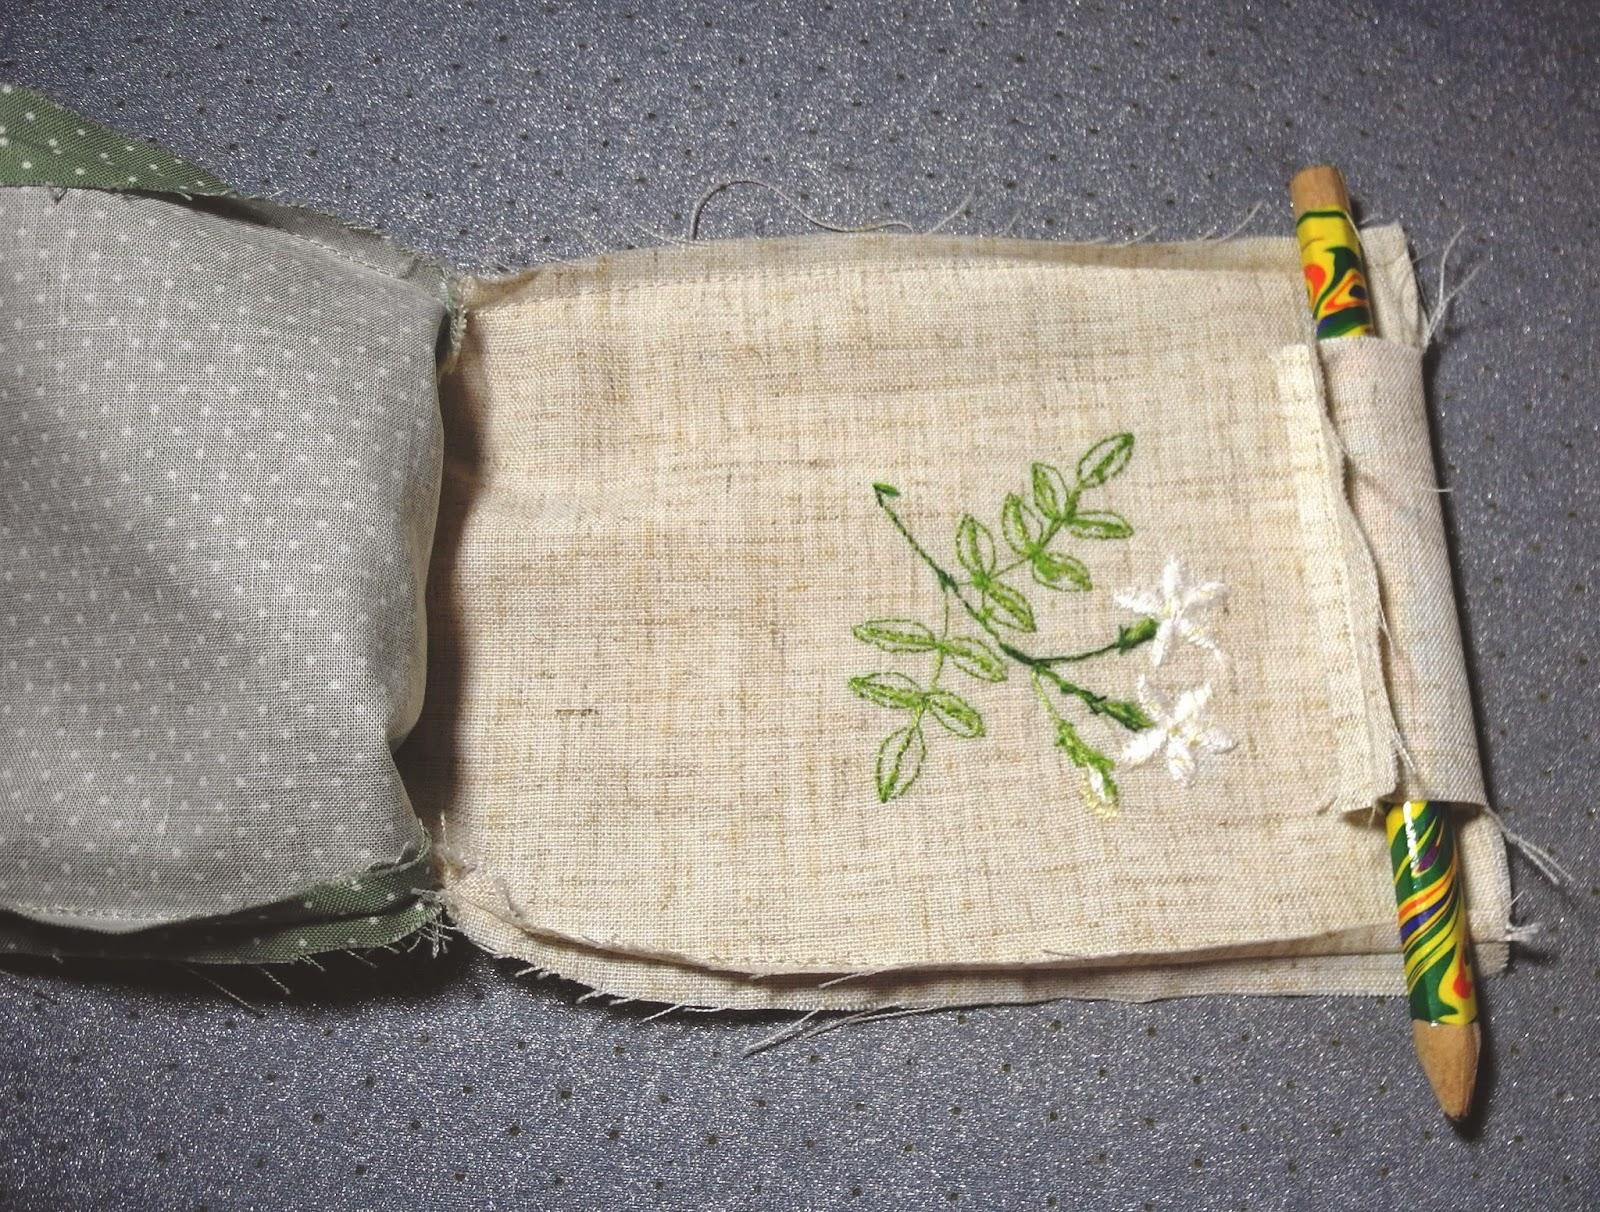 Шьем простой мешочек для трав или сухофруктов Ярмарка 50